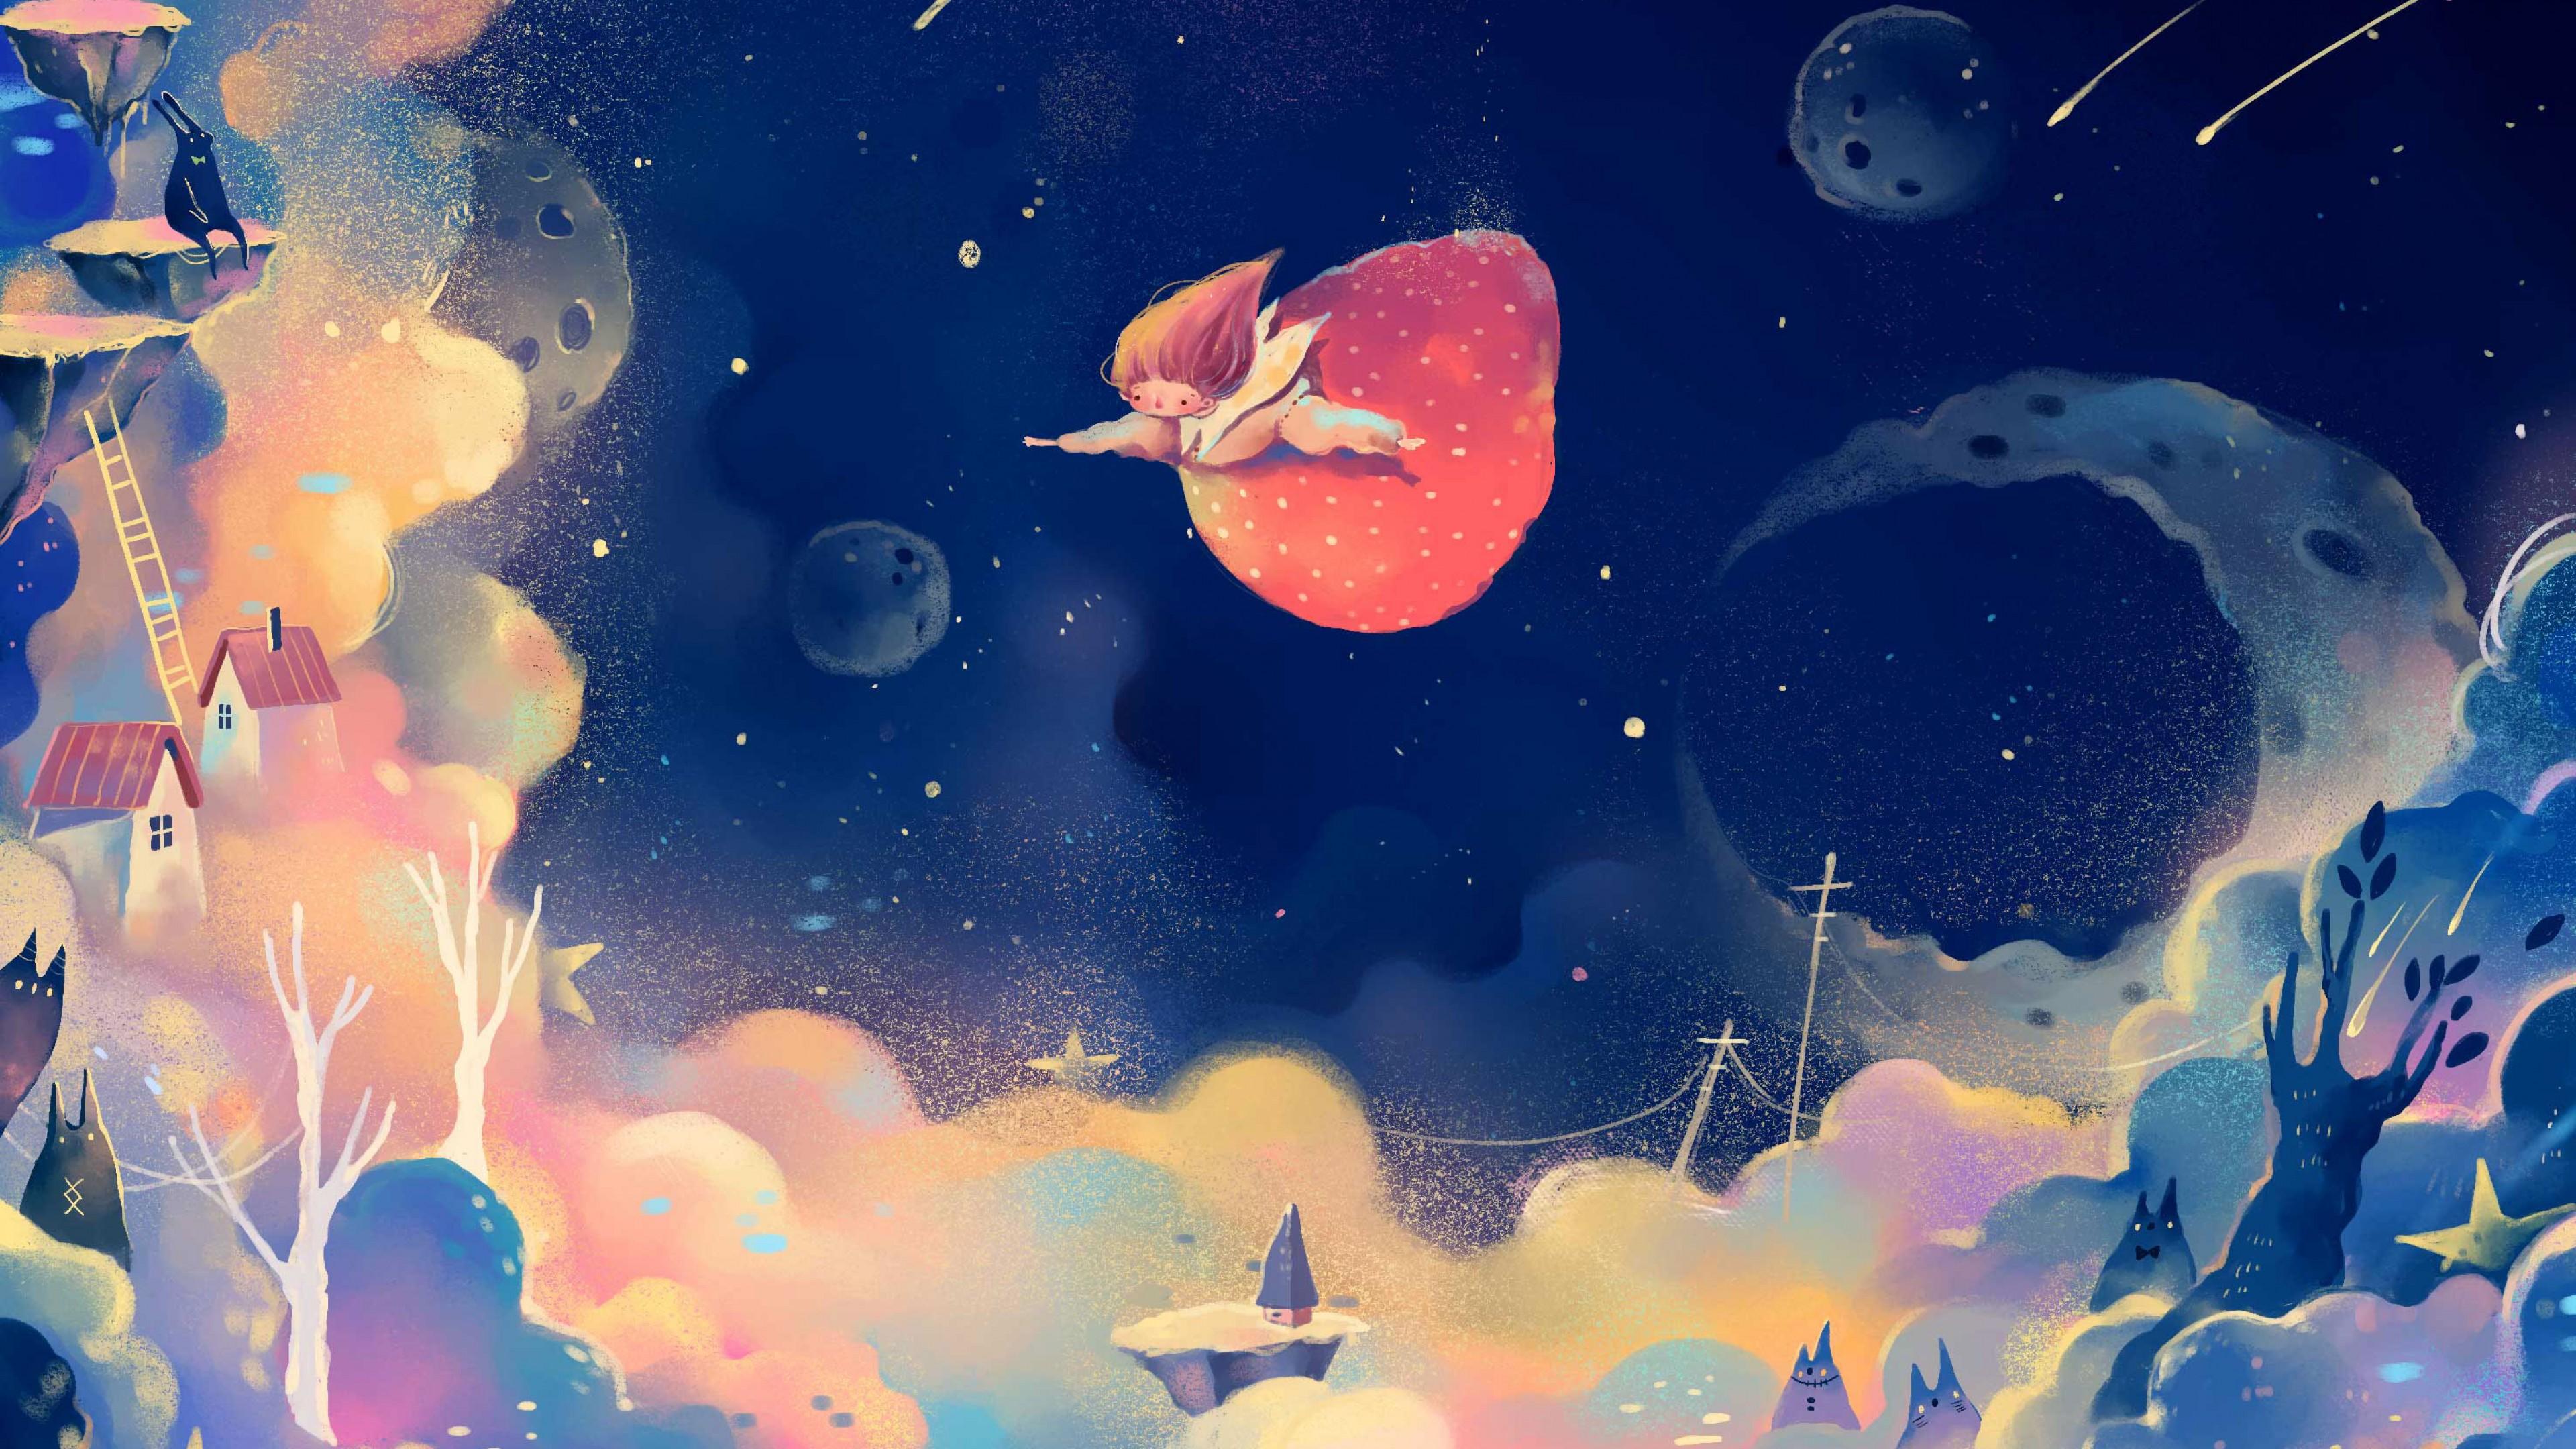 Иллюстрация Ночное небо в золотых звездах и летящей волшебницей в сказочный город